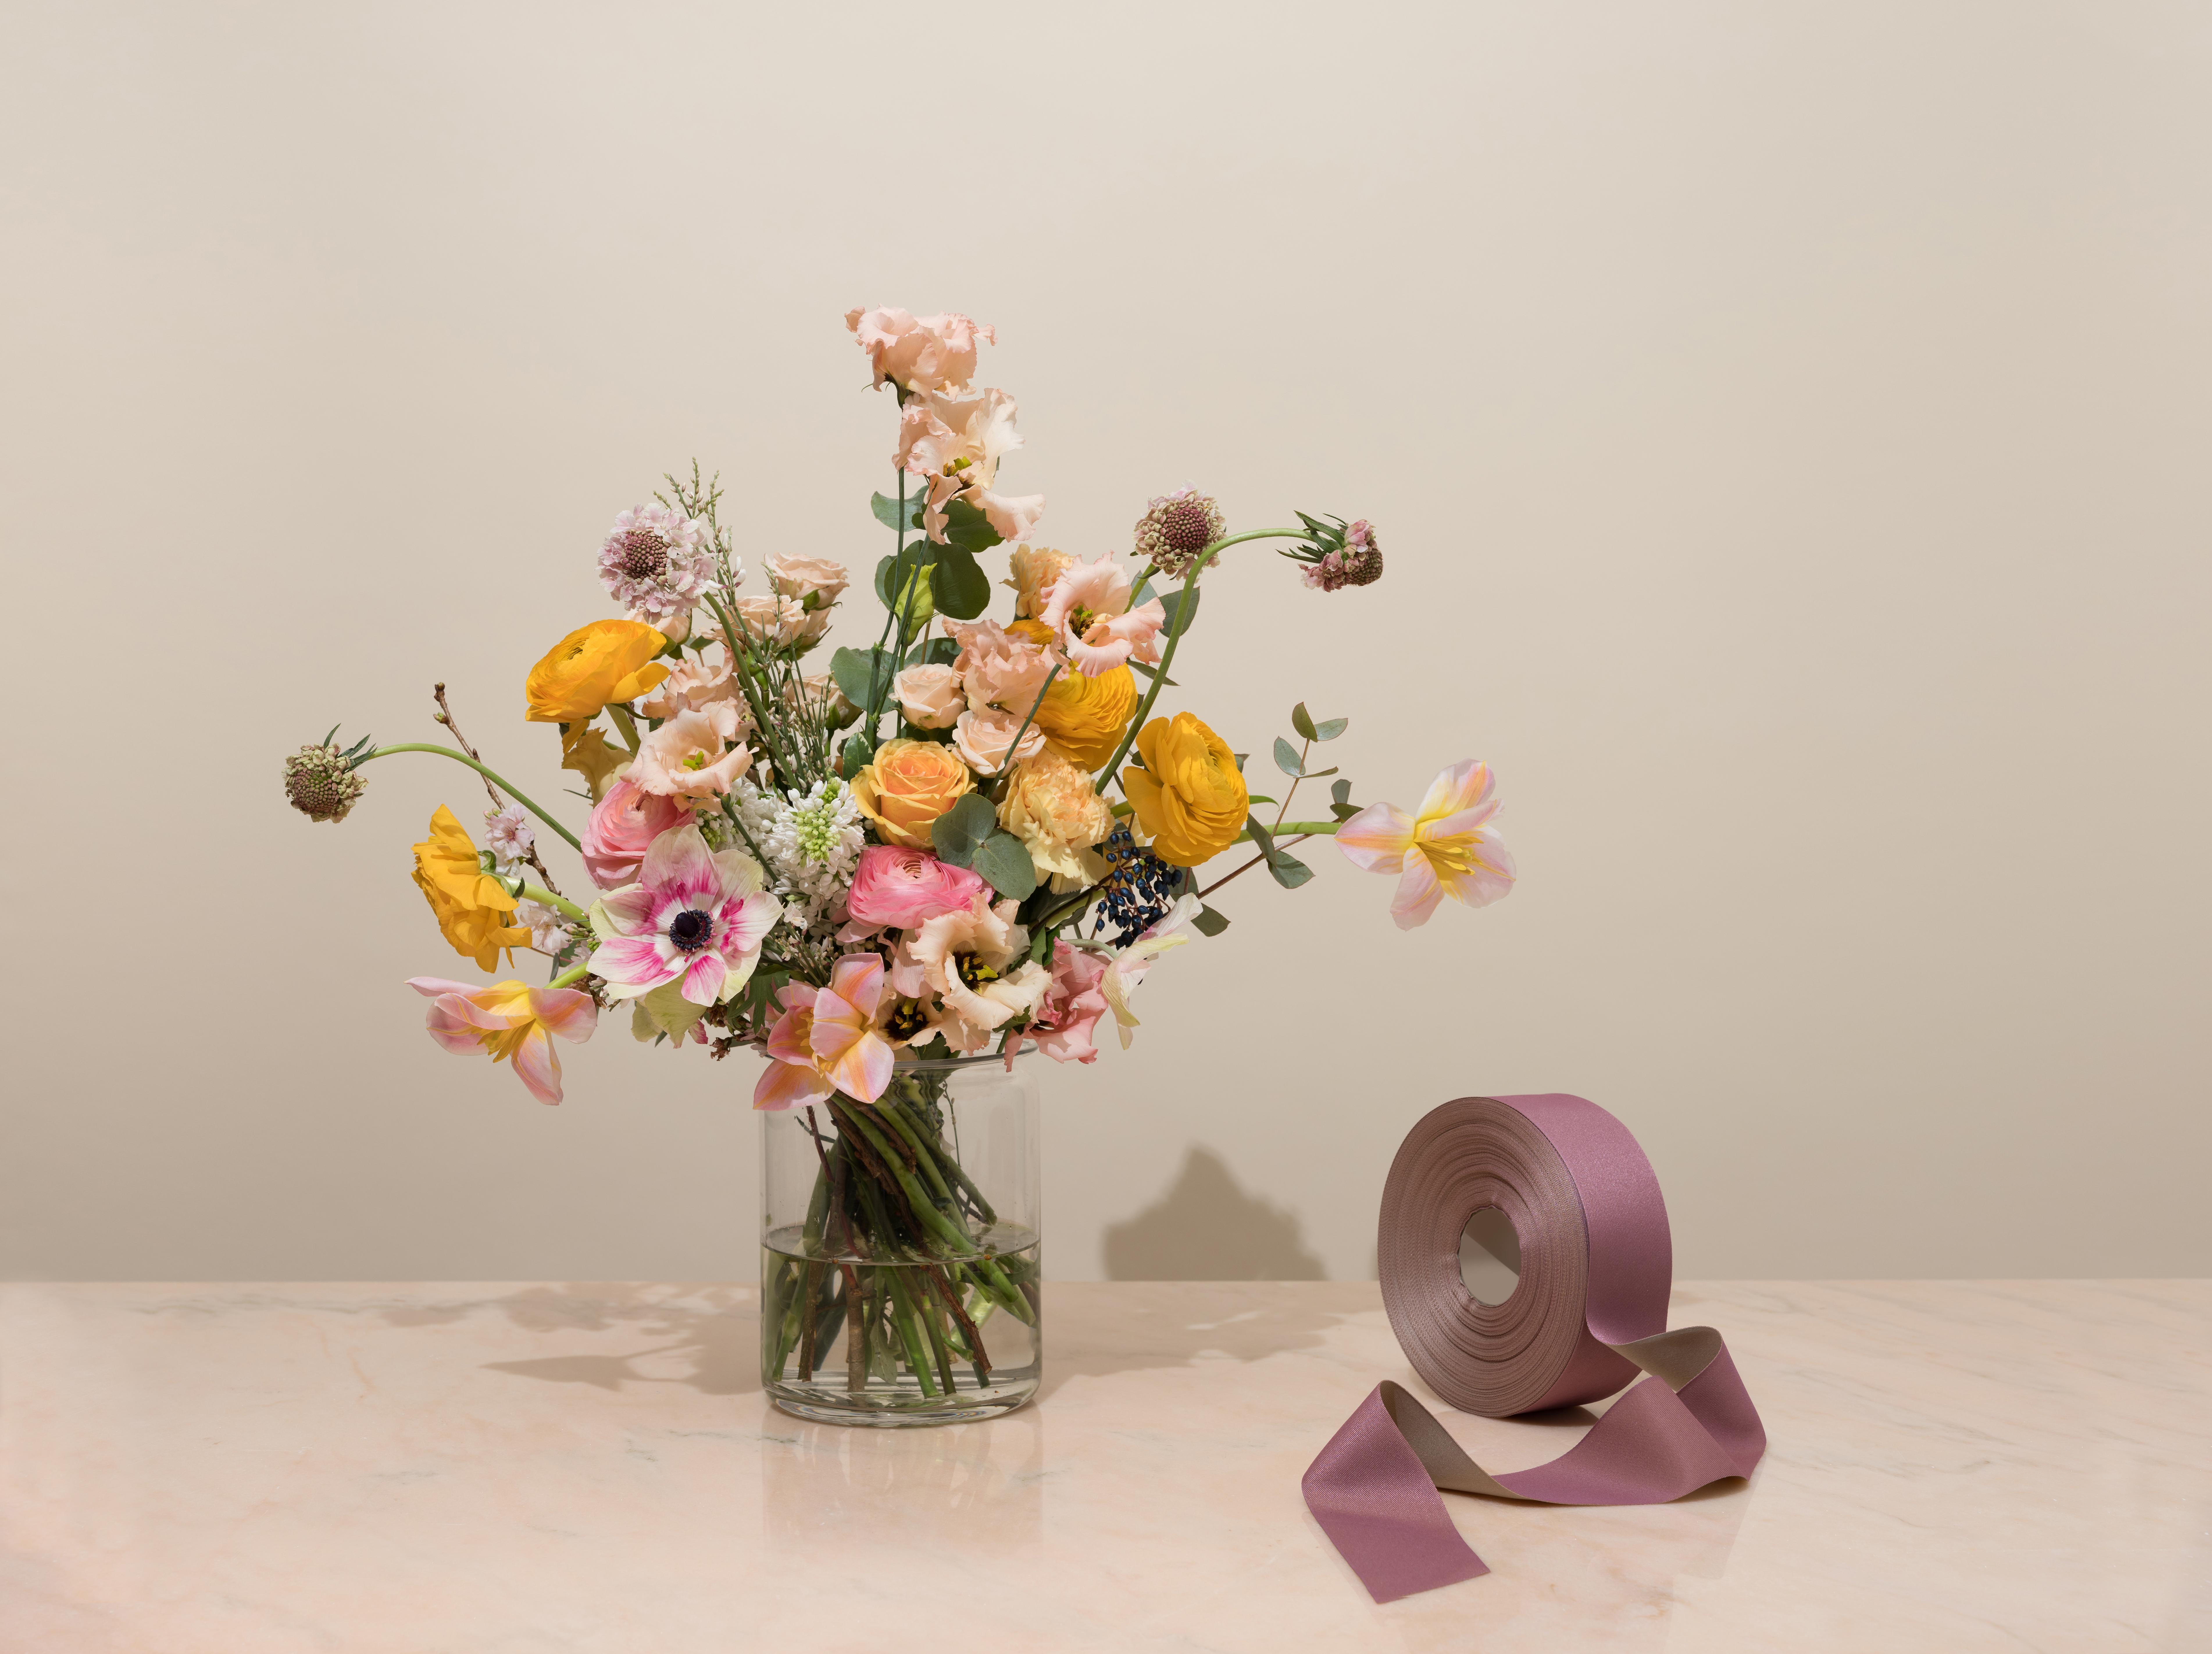 Clothes, Shoes & Accessories Helpful Strawberry Faire 12-18 Months Summer Dress Flower Floral More Discounts Surprises Dresses